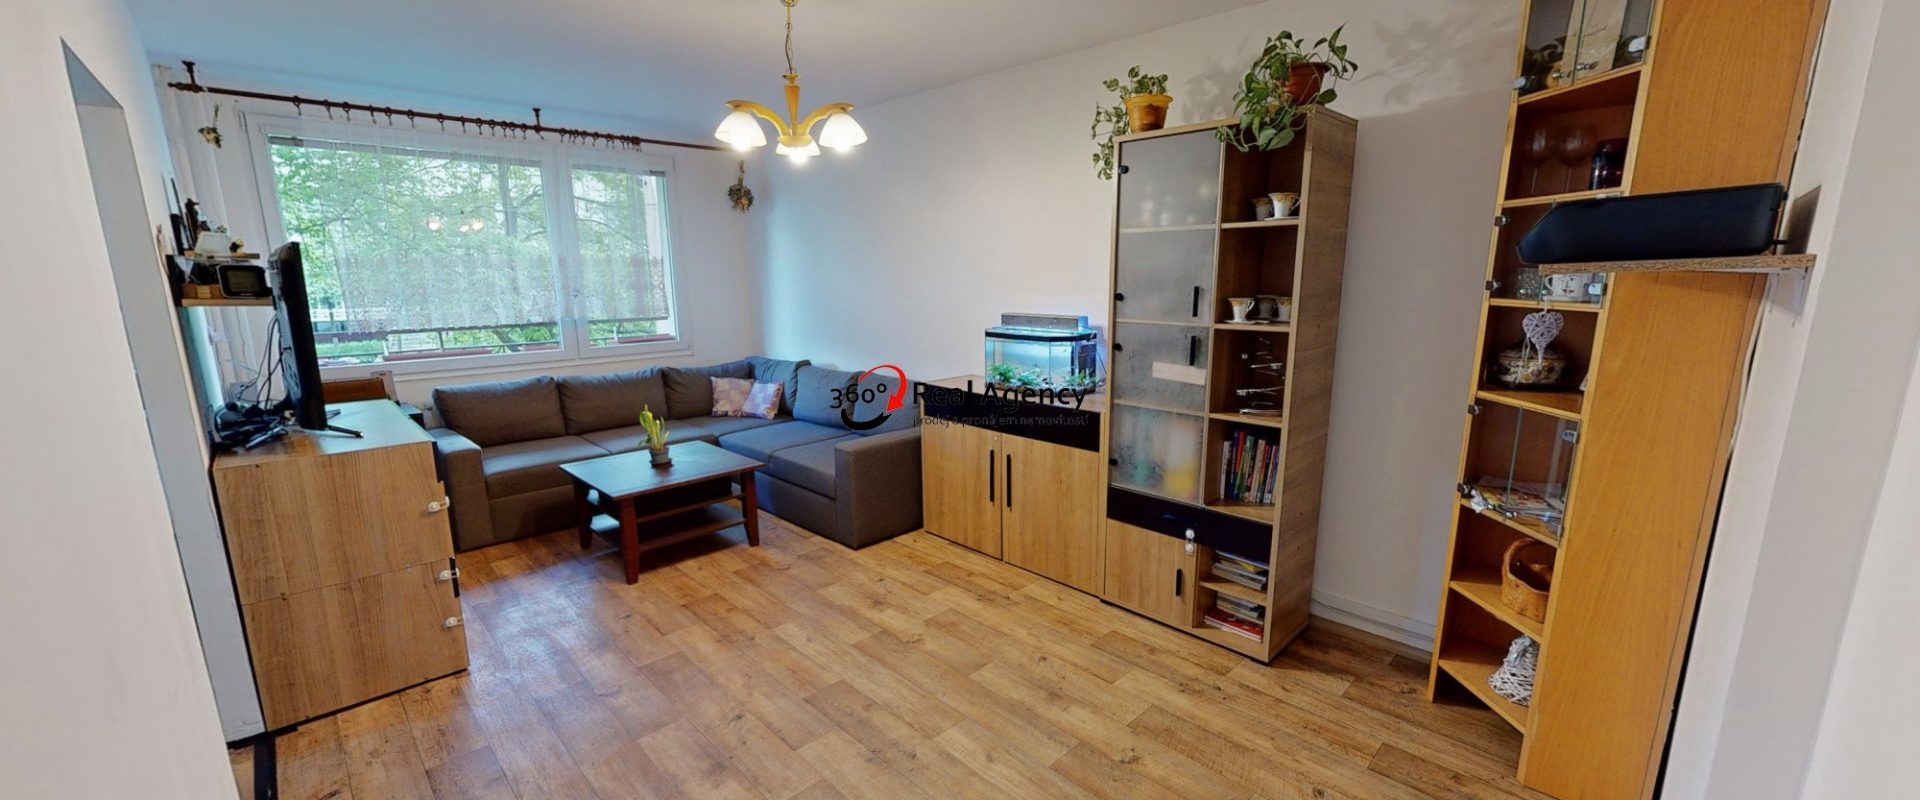 Prodej bytu 3+1/L/S/K, 79 m², Brandýs nad Labem – Stará Boleslav.